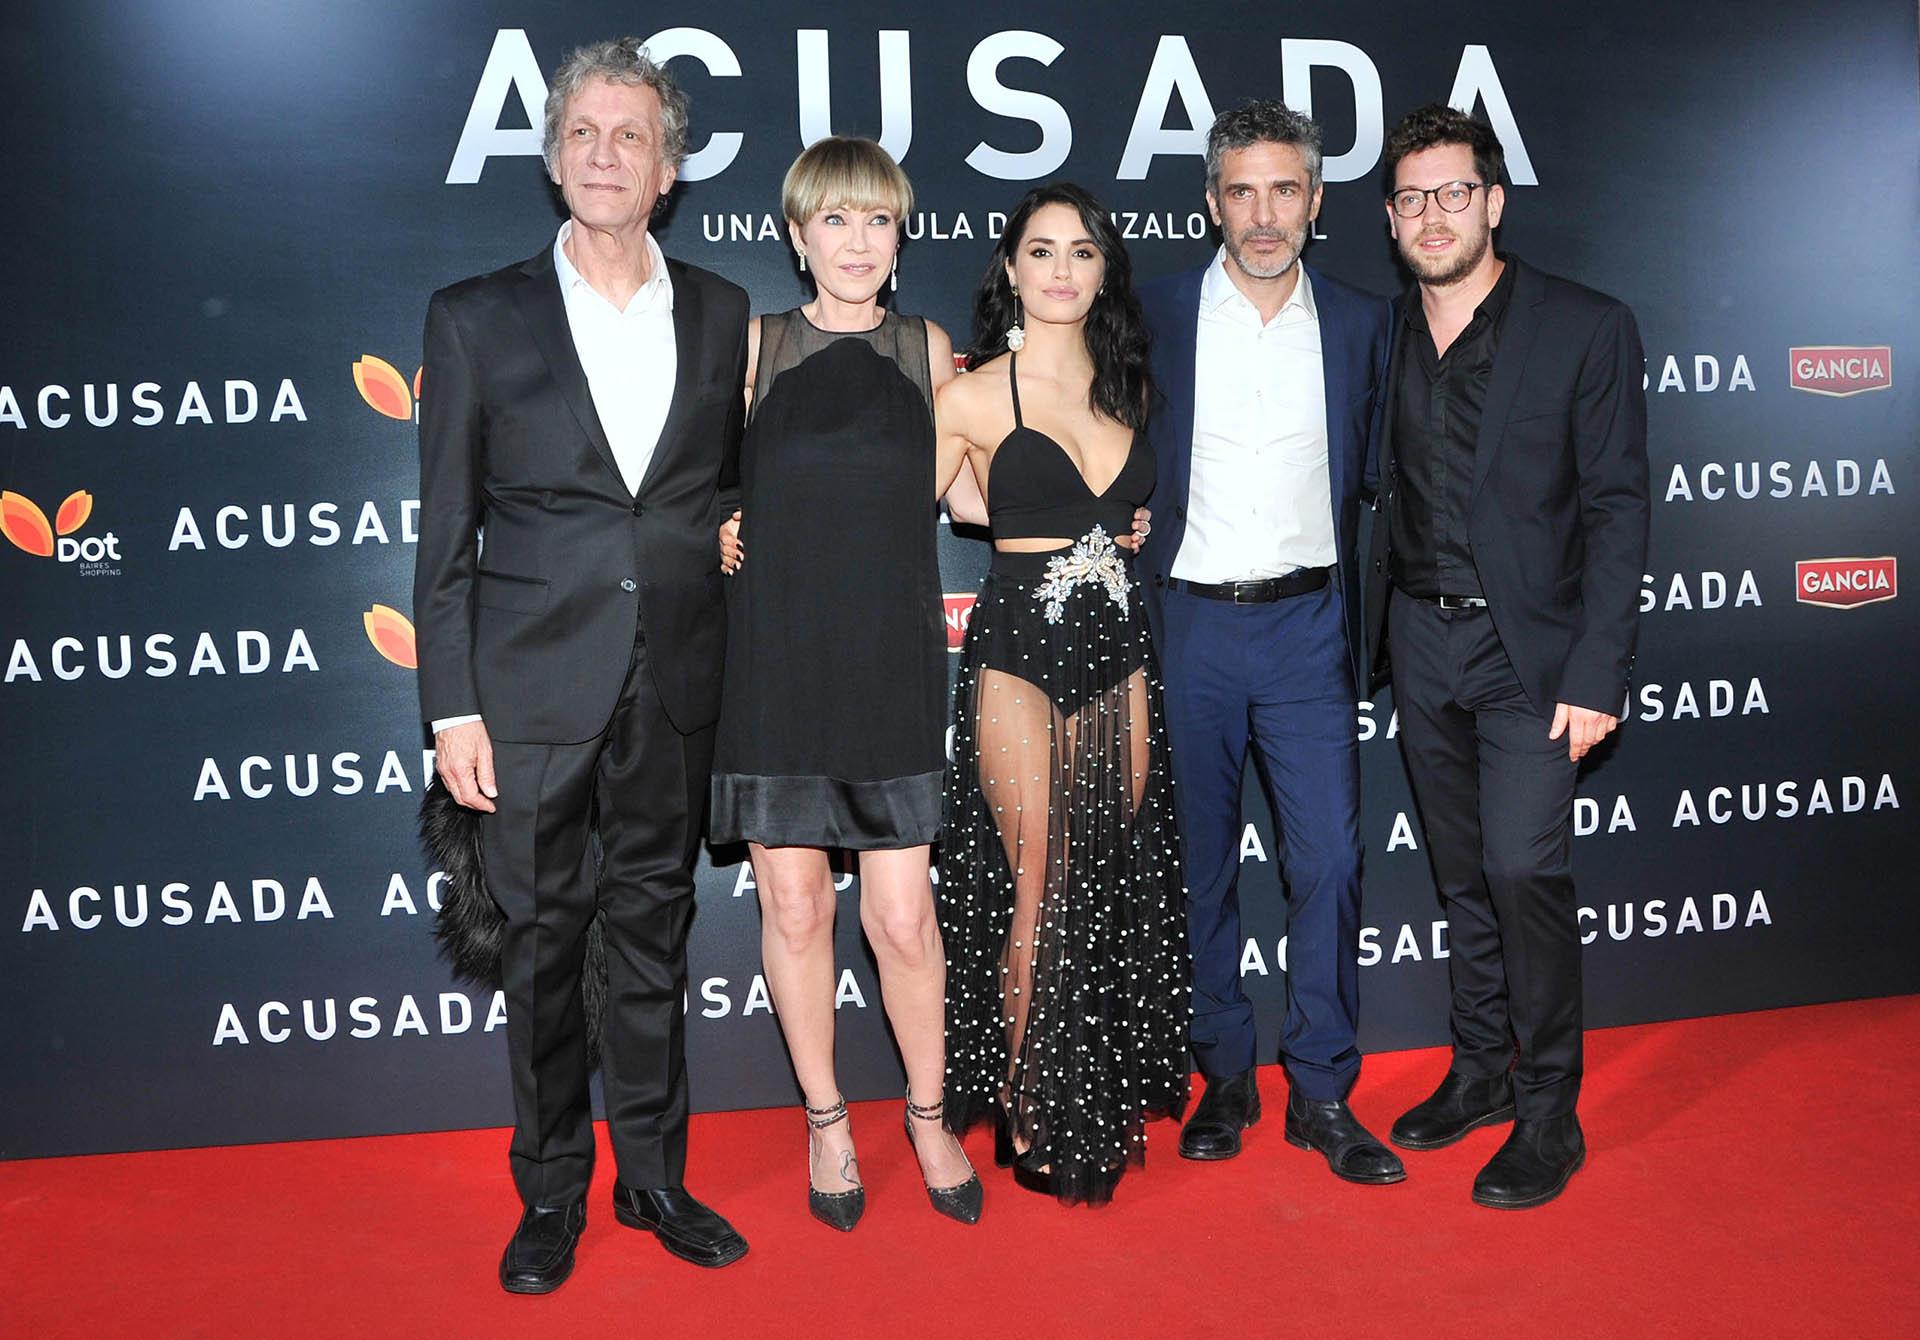 Acusada: la película de Lali Esposito seleccionada para el festival de Venecia